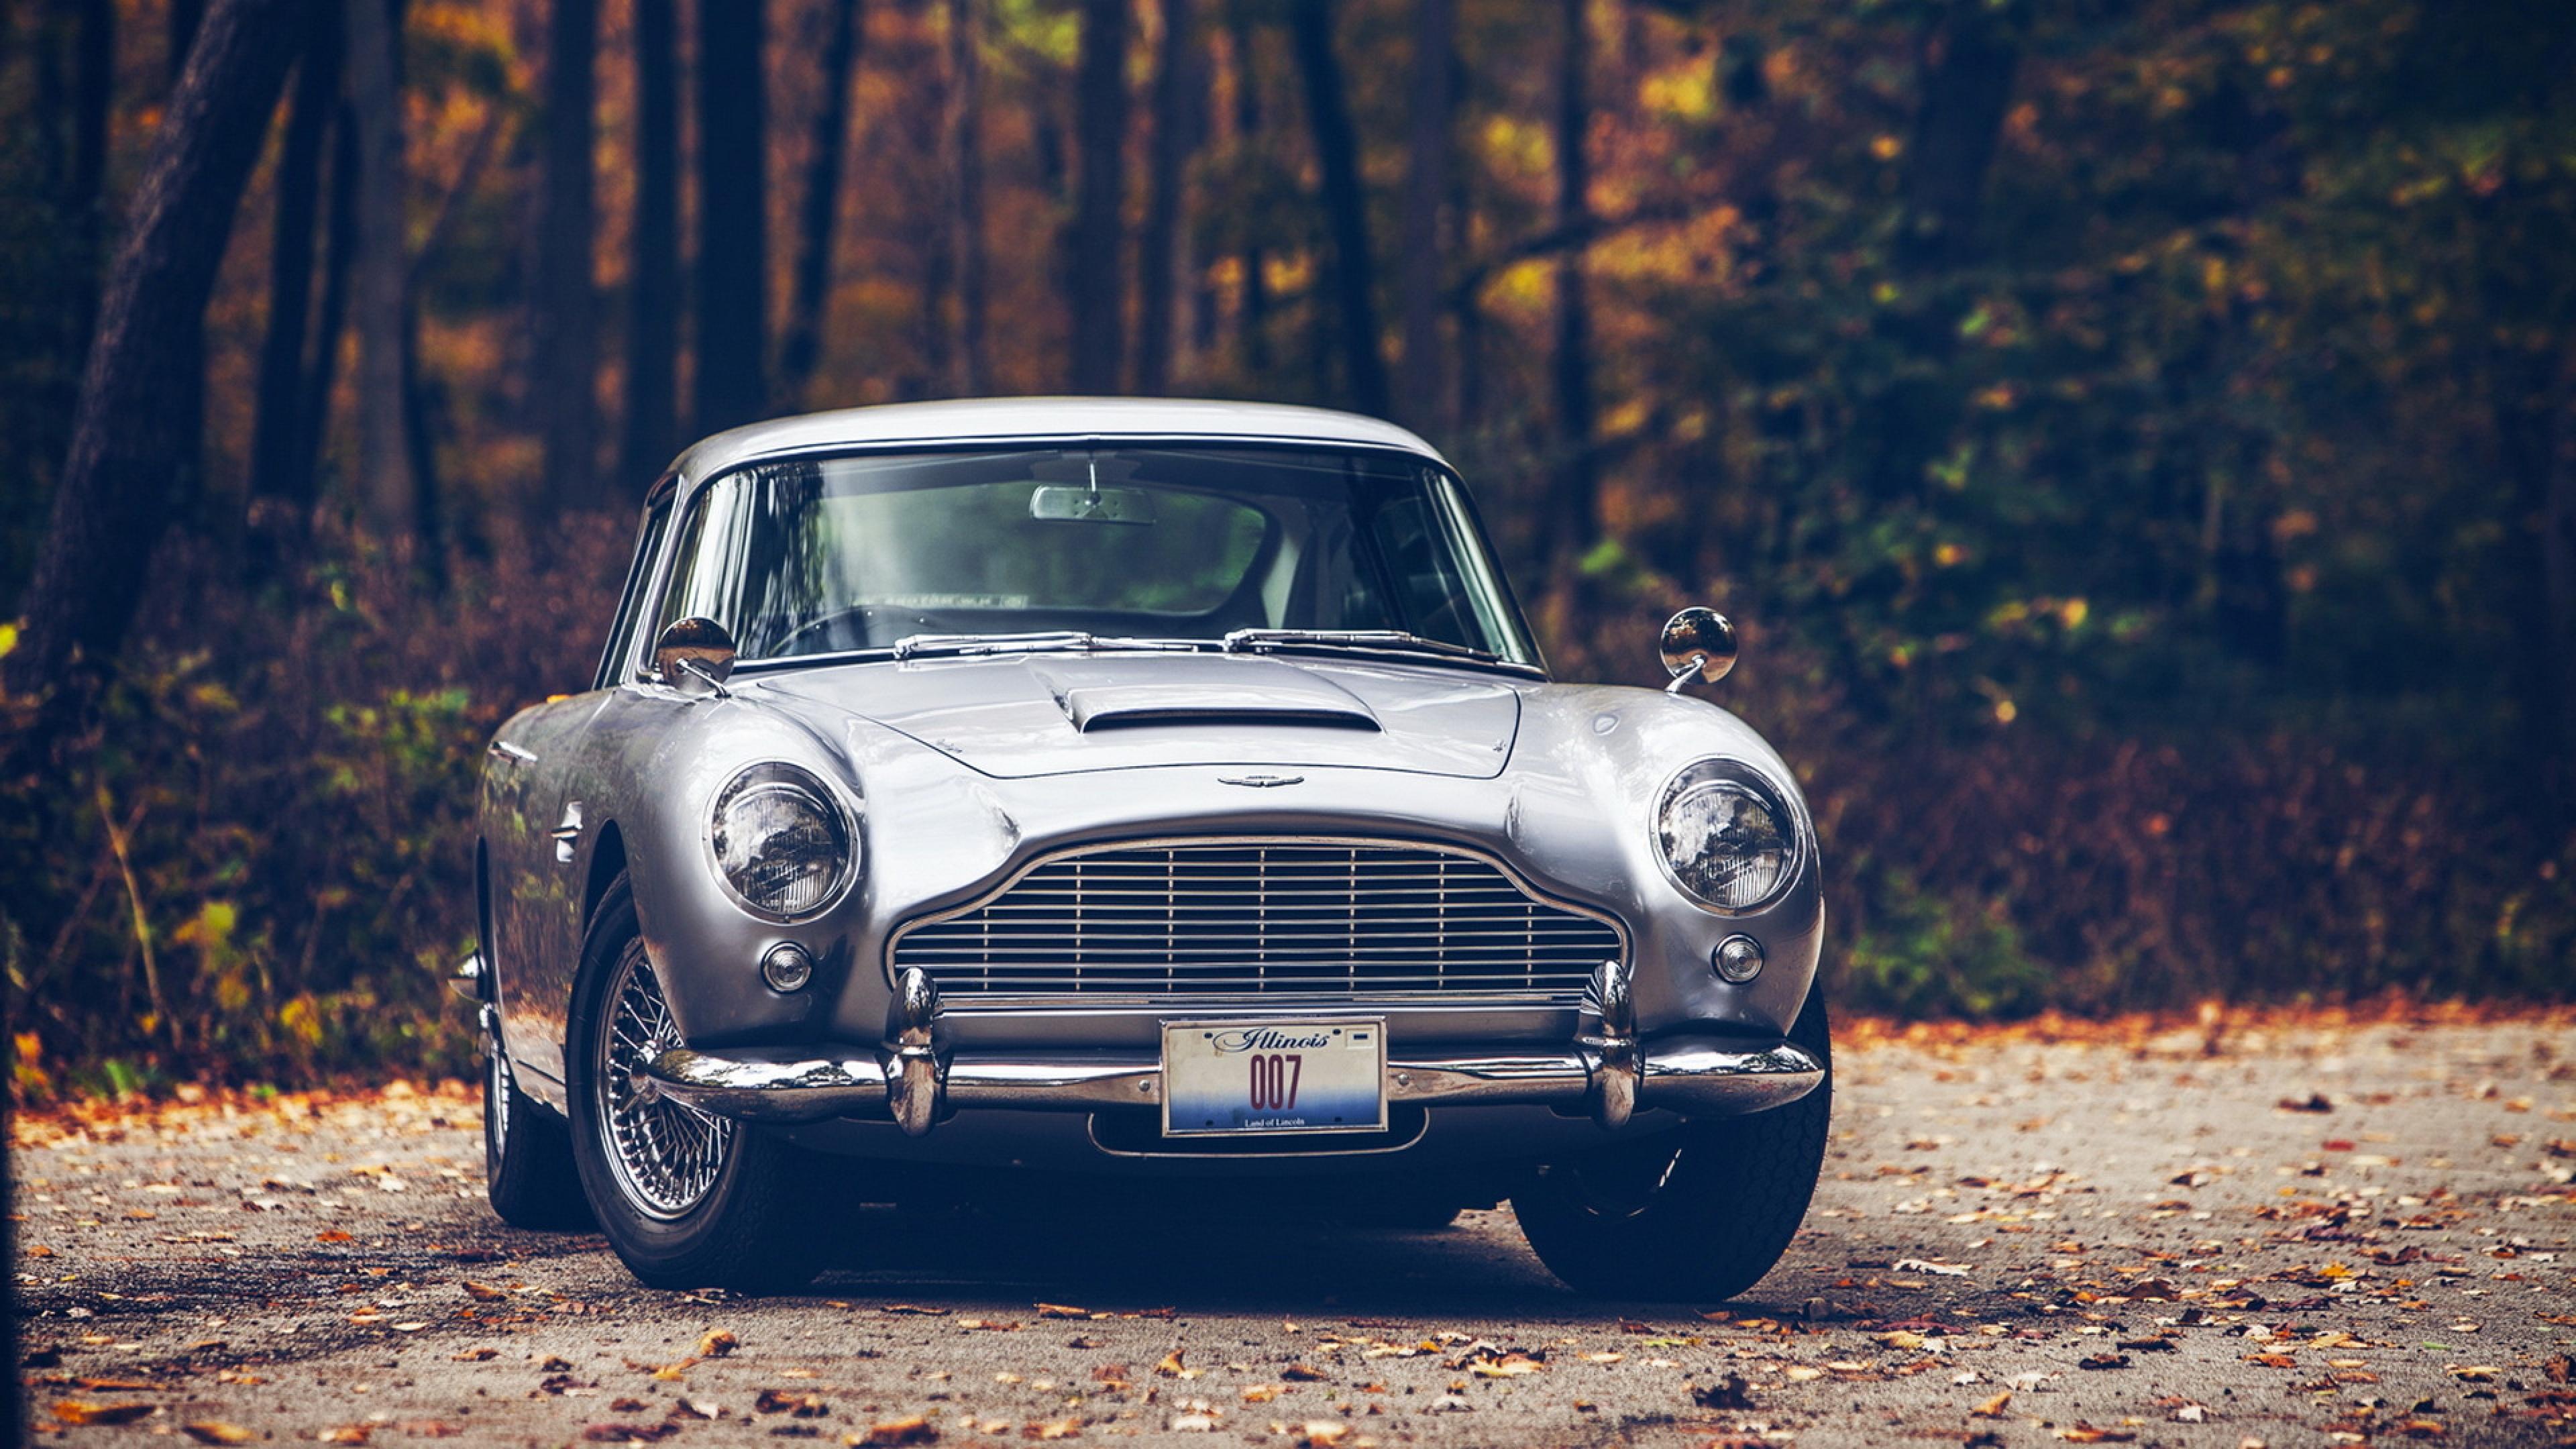 Download Wallpaper 3840x2160 Car Db5 Aston martin 4K Ultra HD HD 3840x2160